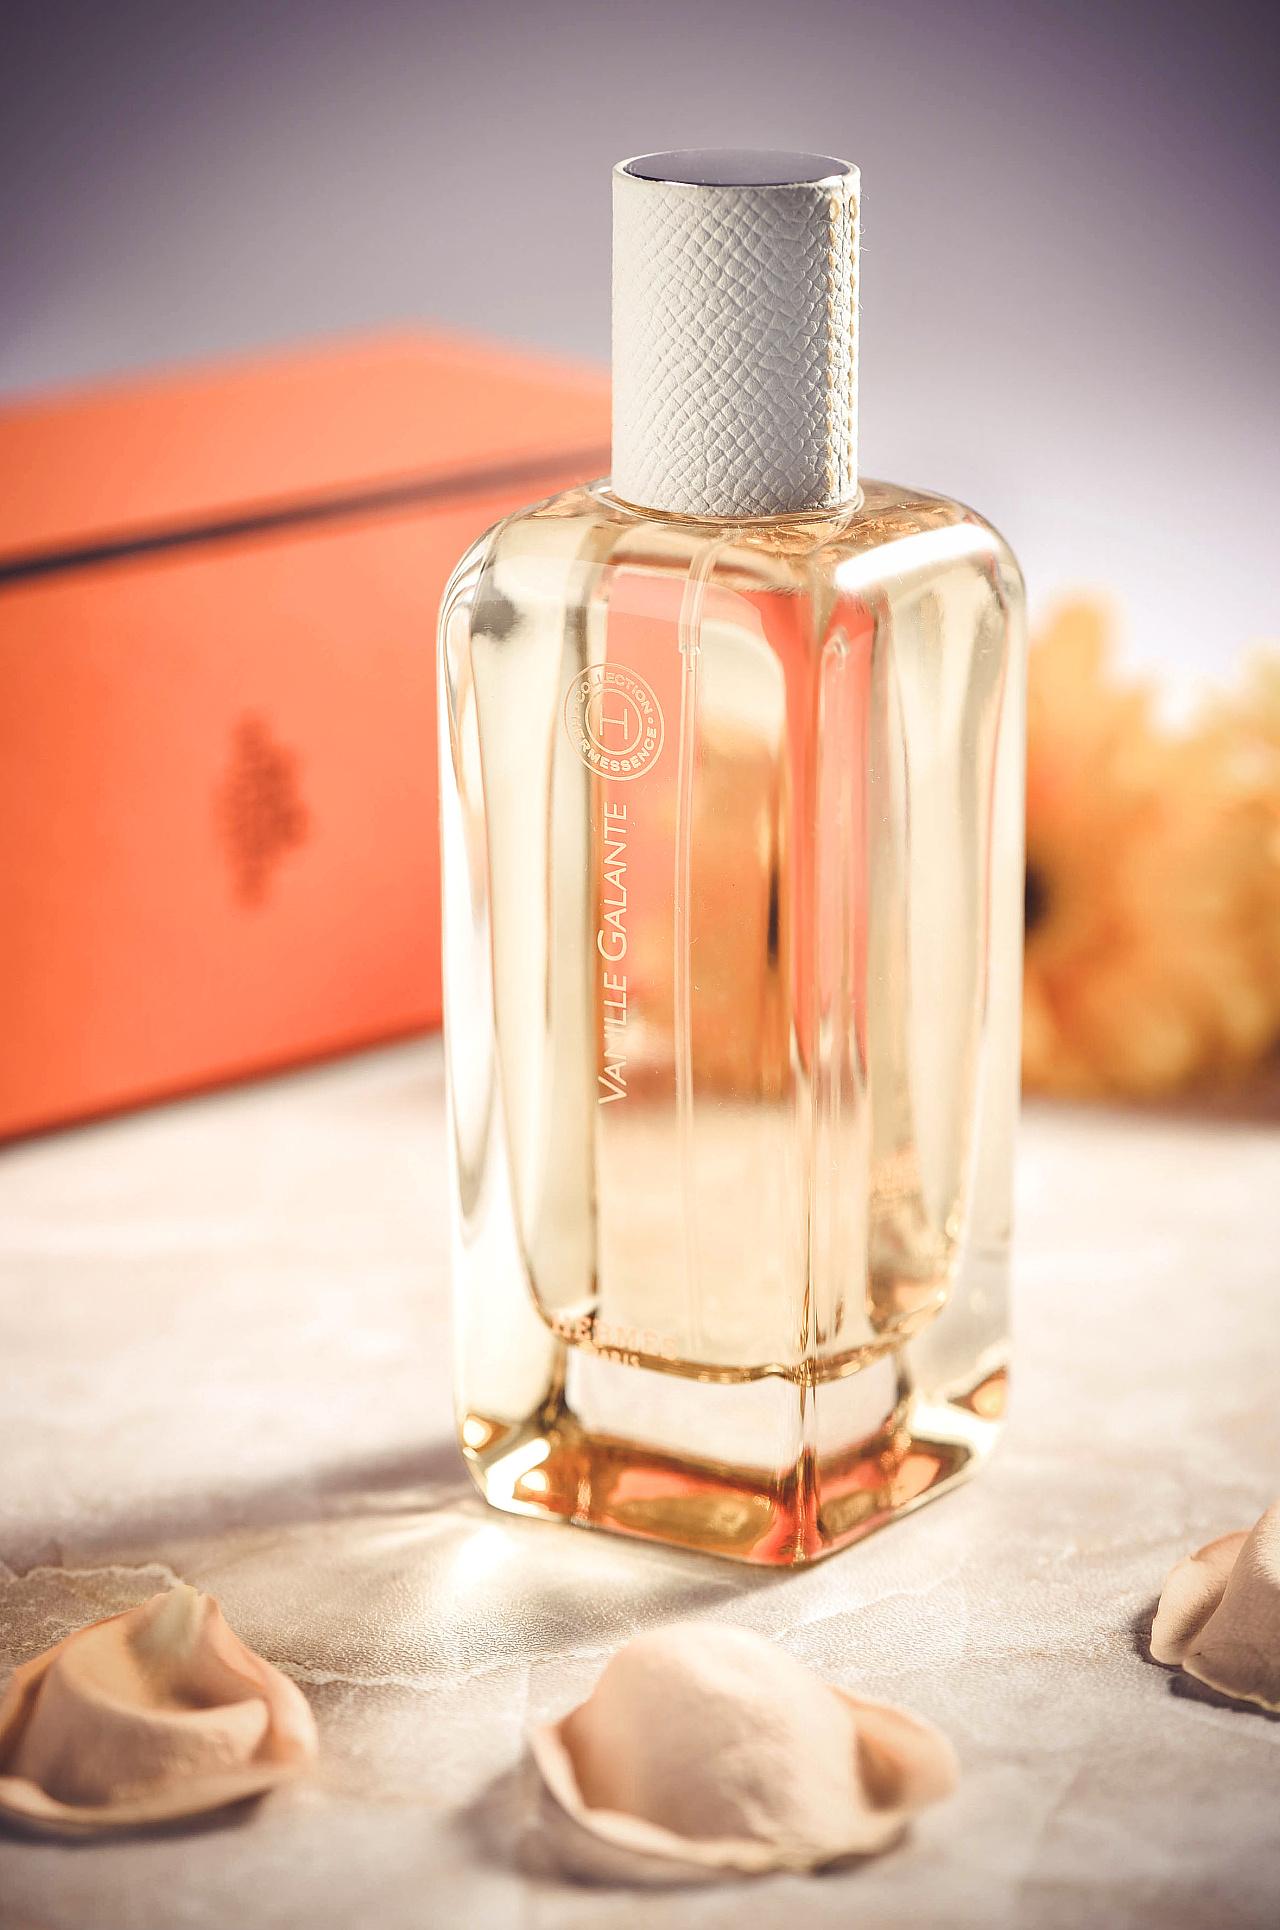 怎样选择香水,如何挑选香水,如何选合适的香水